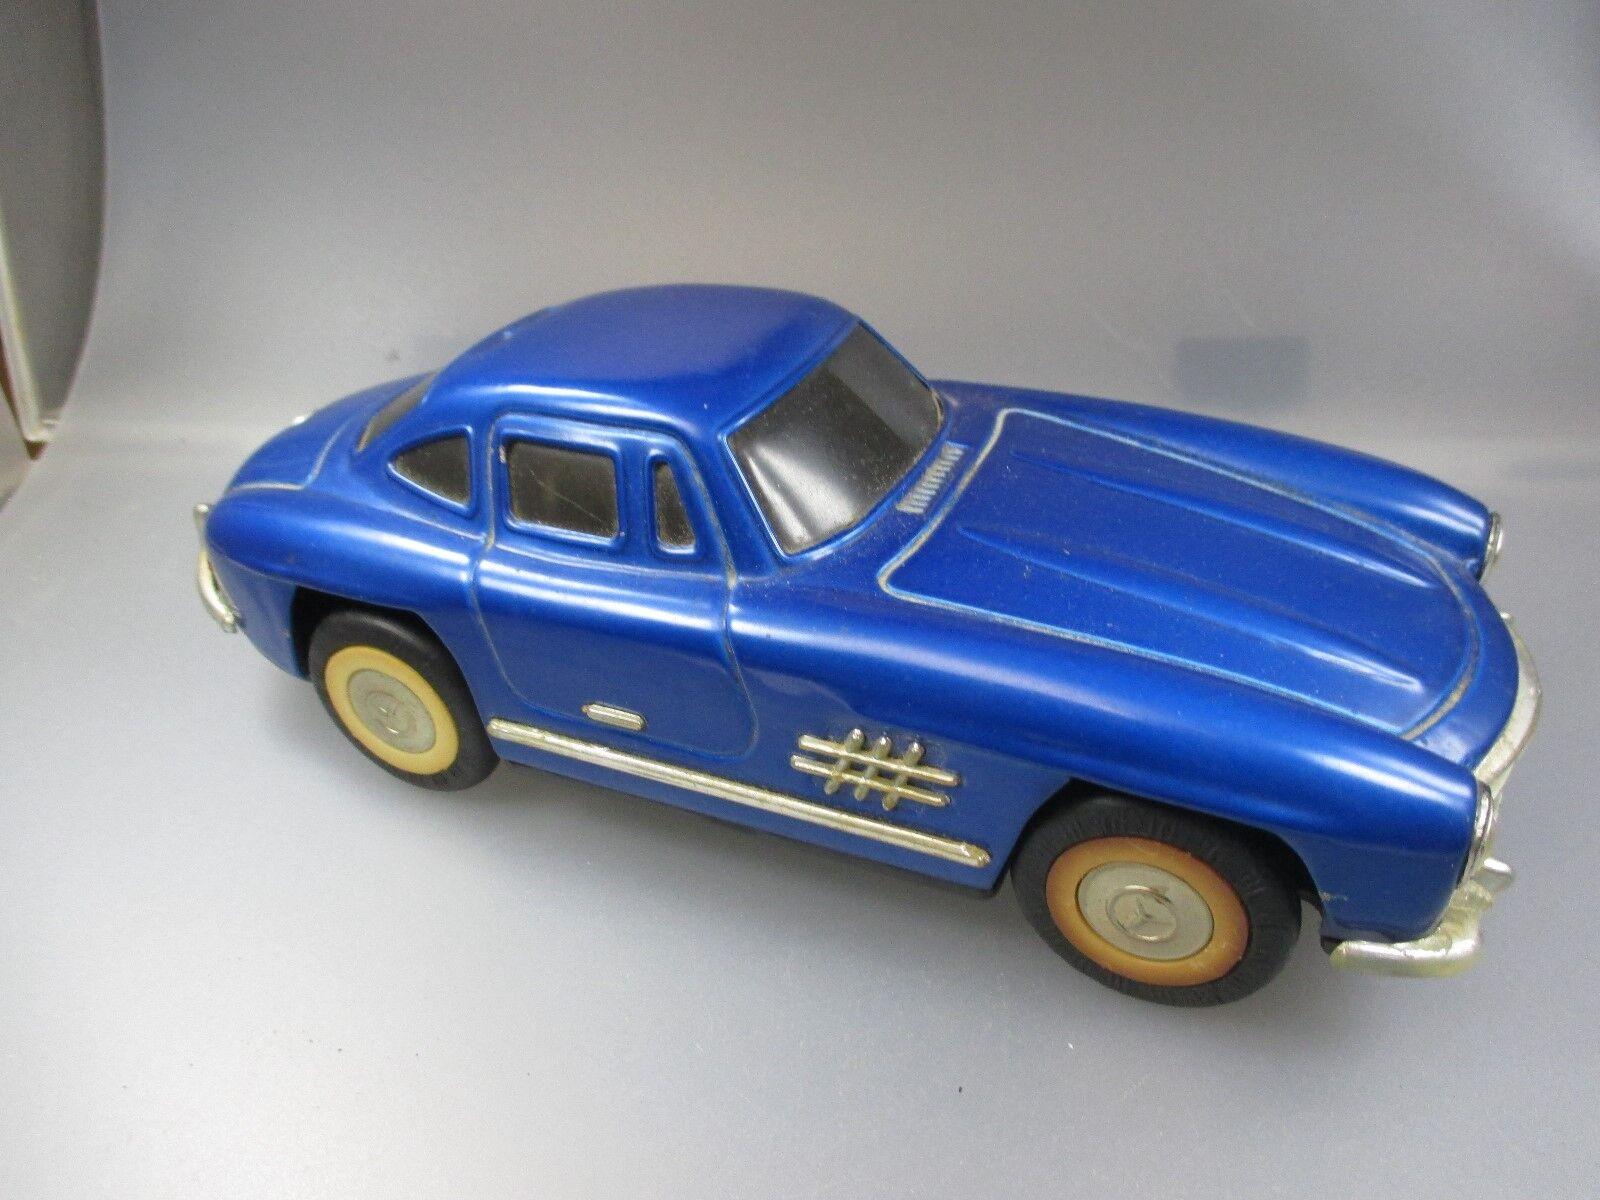 Mercedes - benz 300 sl - fl ü geld ü rer, 24cm lang (ssk17)